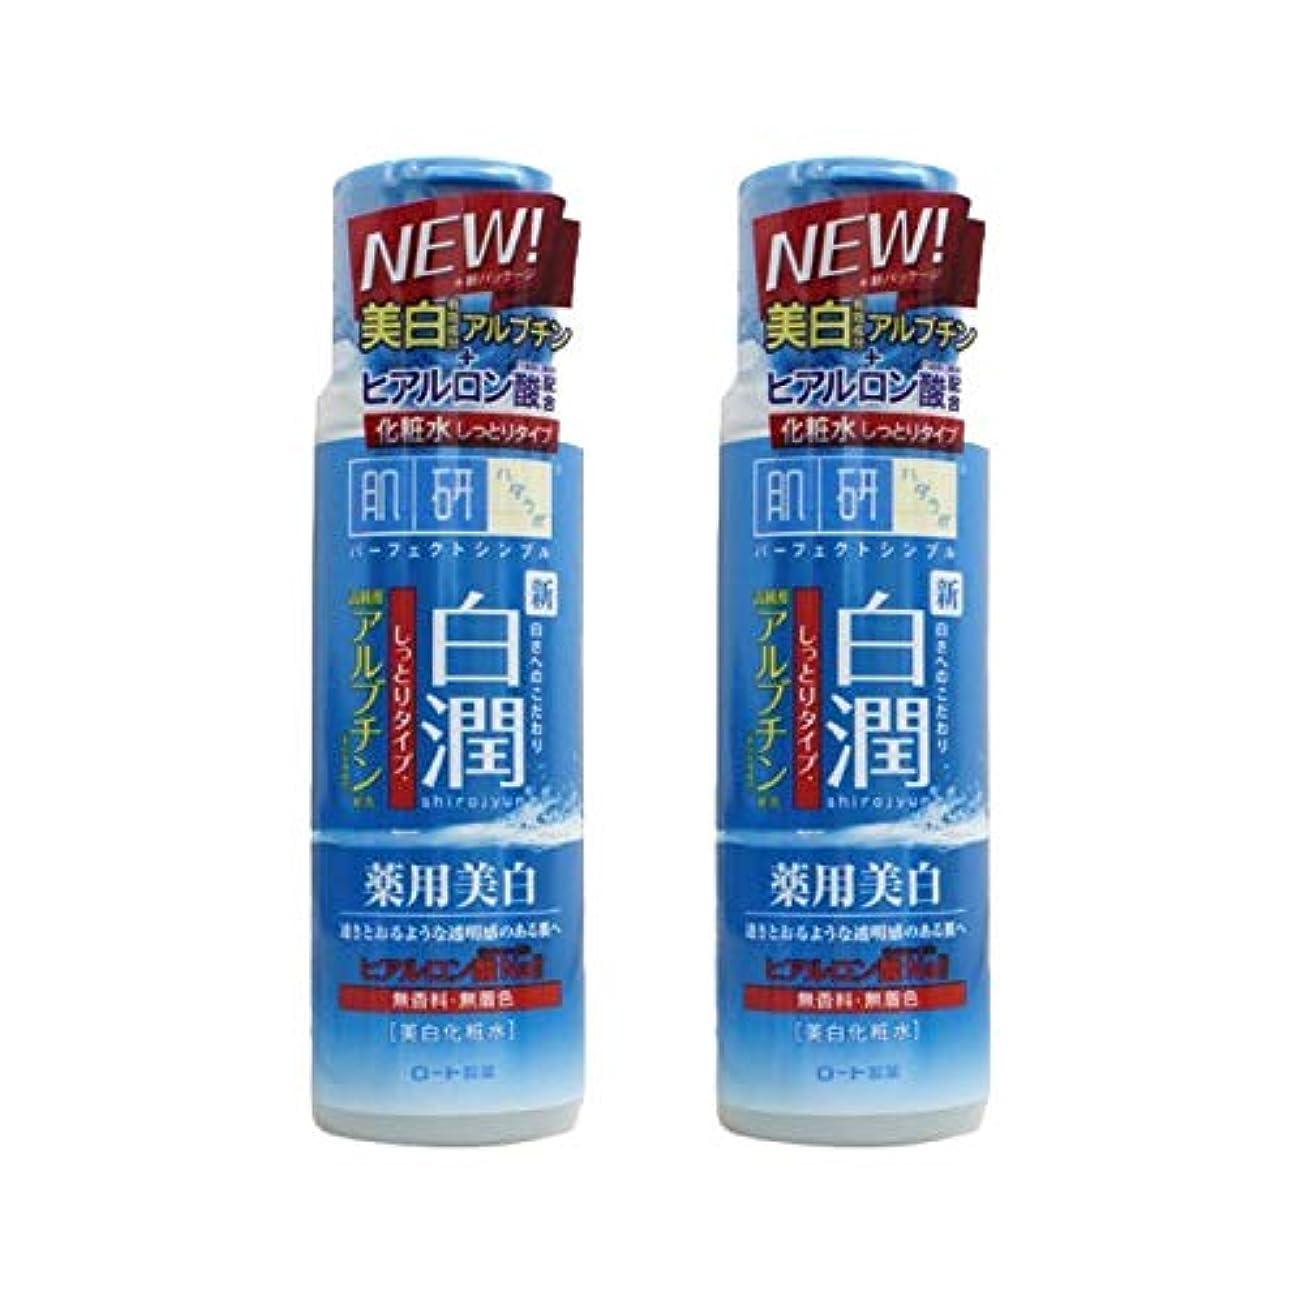 【2本セット】 肌ラボ 白潤 薬用美白化粧水 しっとりタイプ 170mL (医薬部外品)× 2本